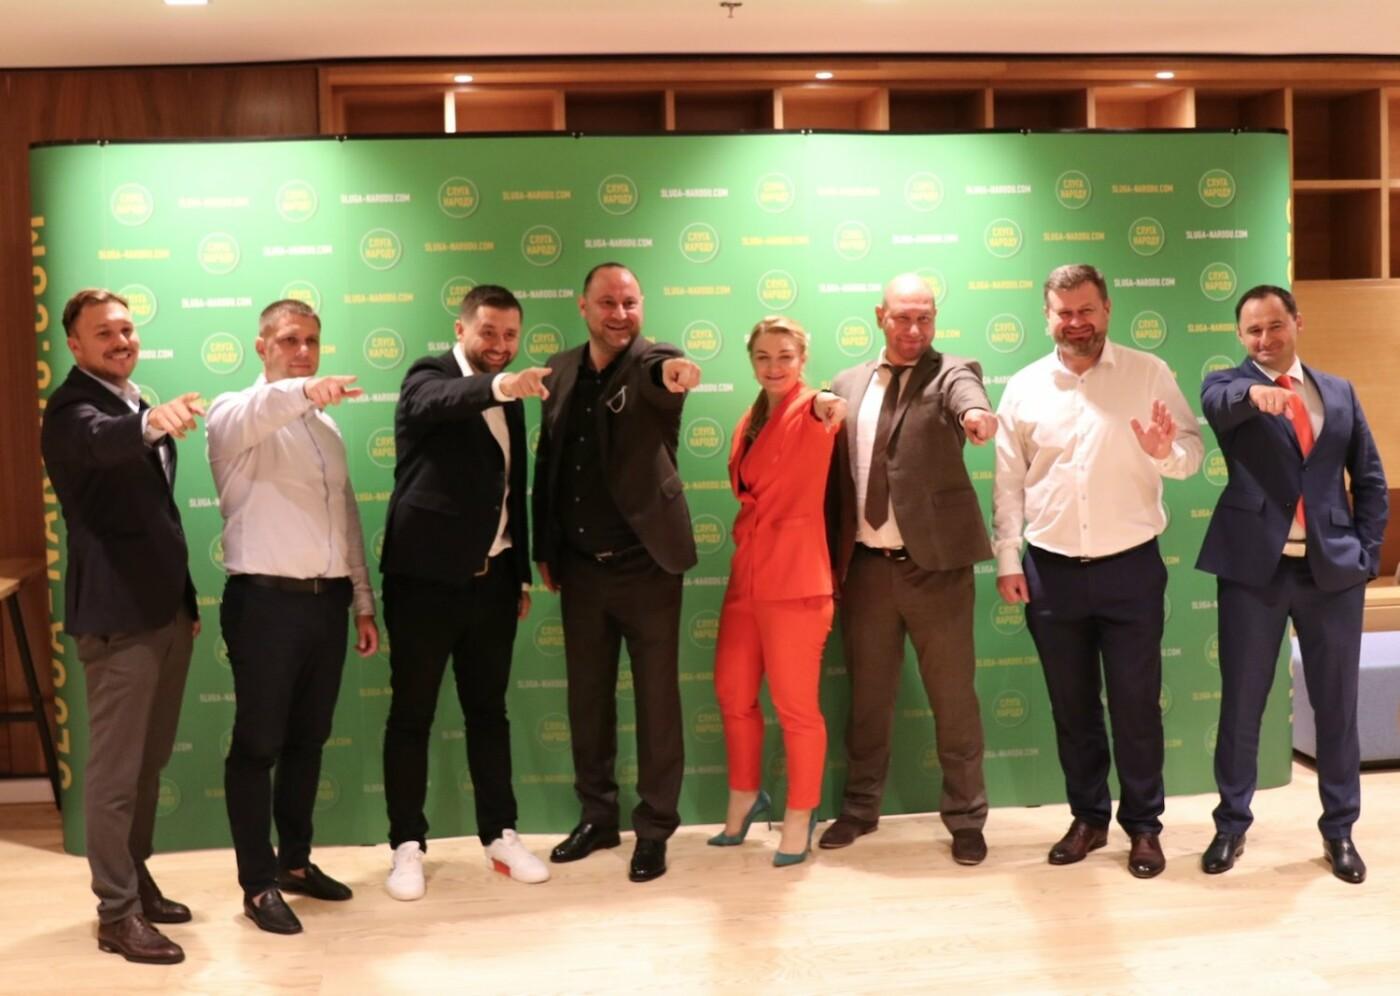 Выборы-2020: какие партии в Николаеве уже обнародовали своих кандидатов, фото-5